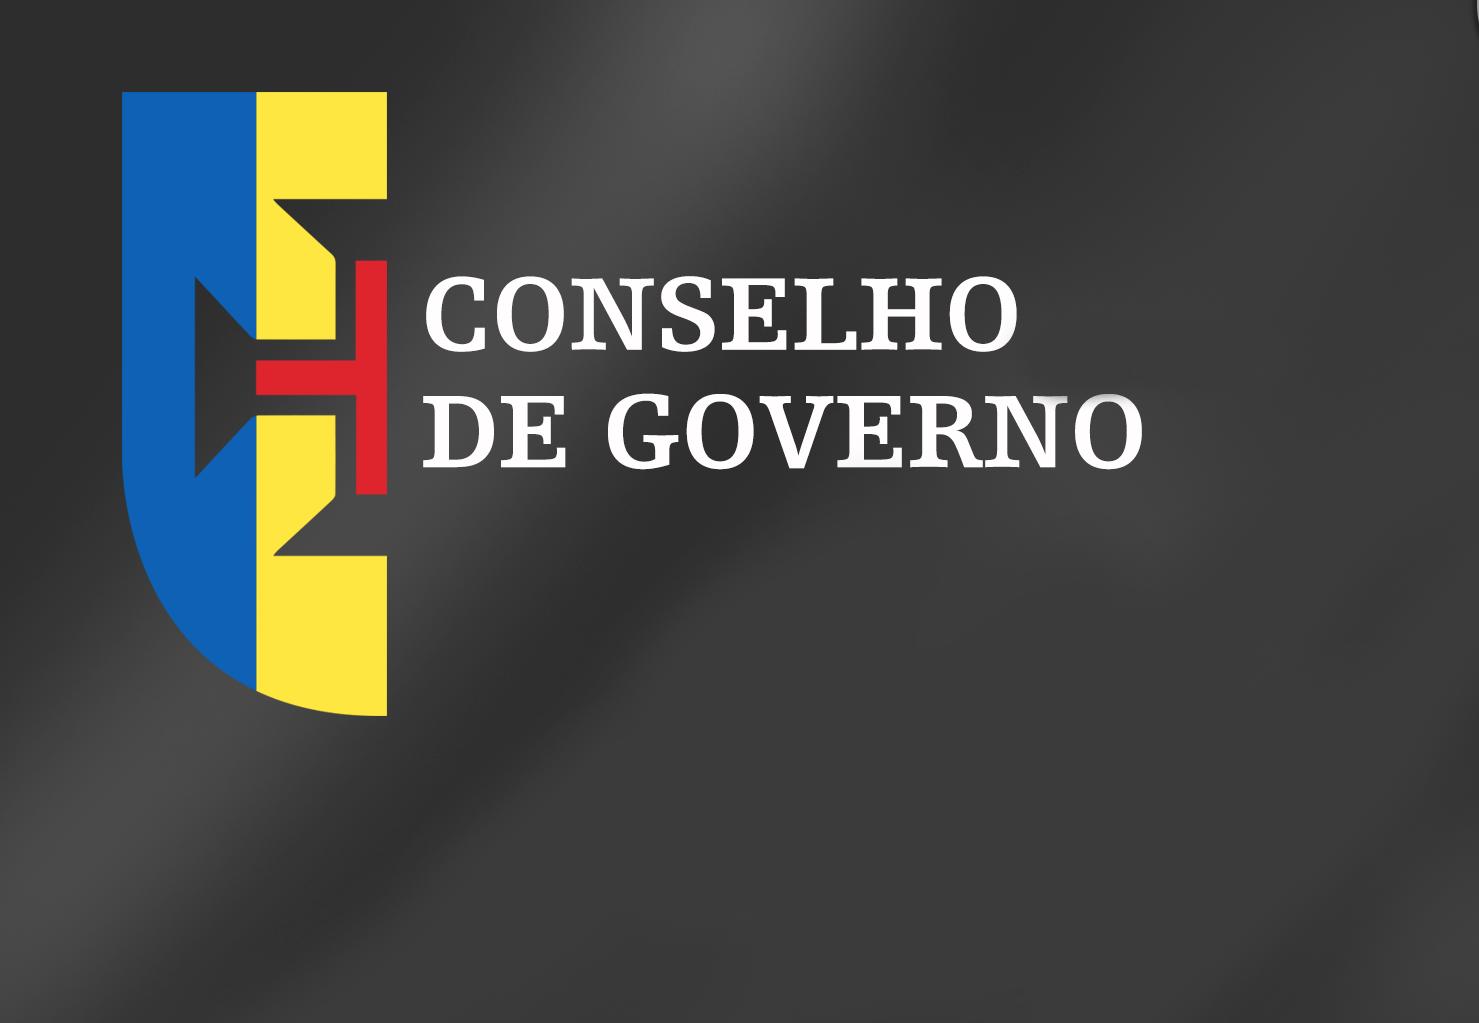 Conselho de Governo.